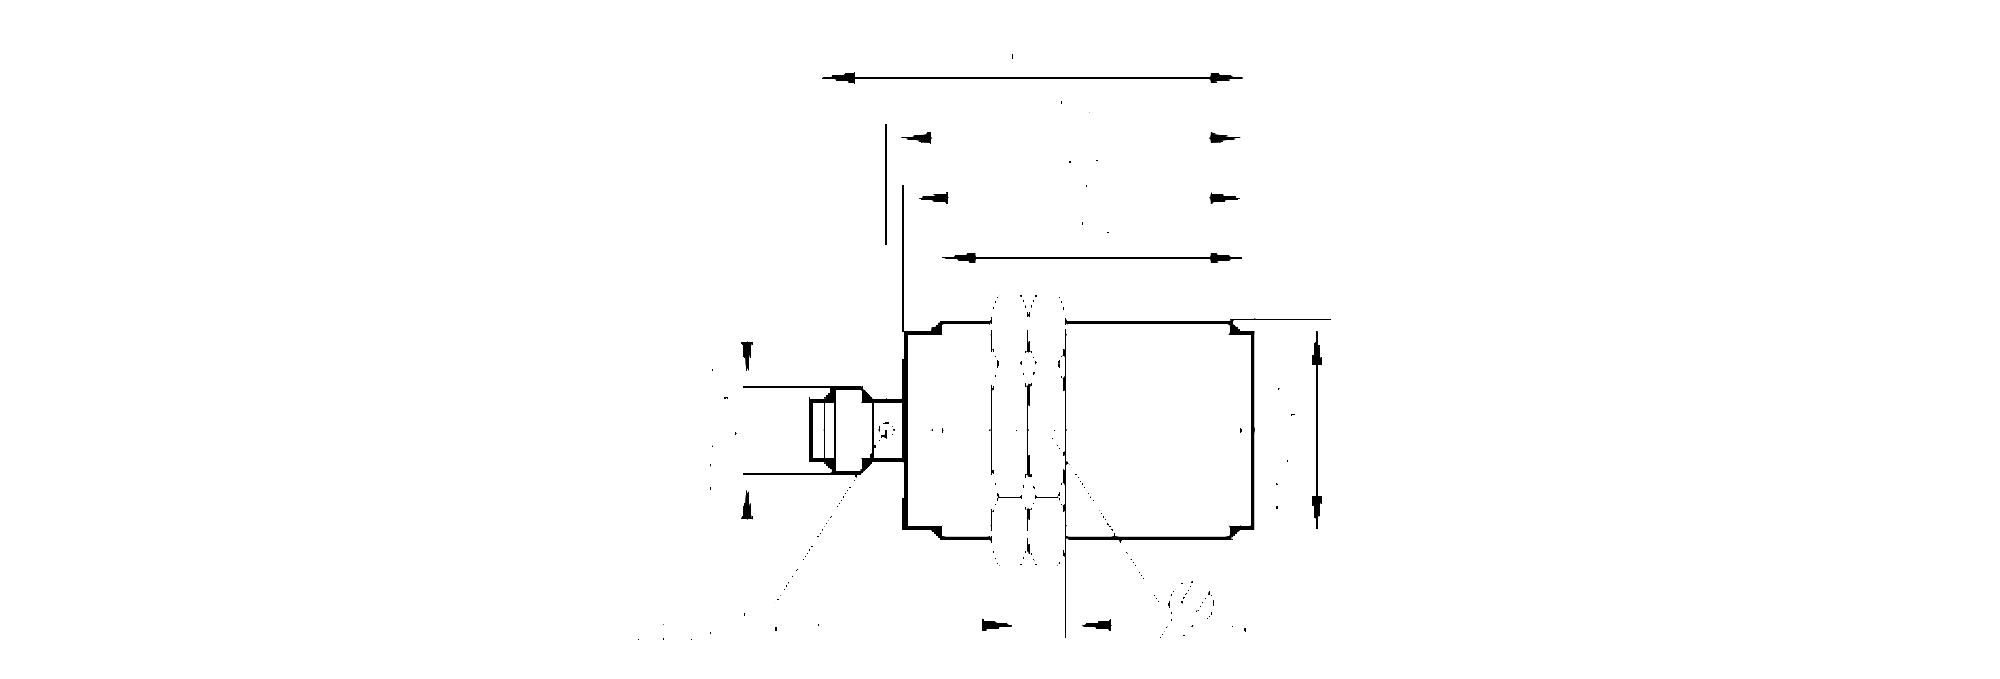 iic222 - inductive sensor